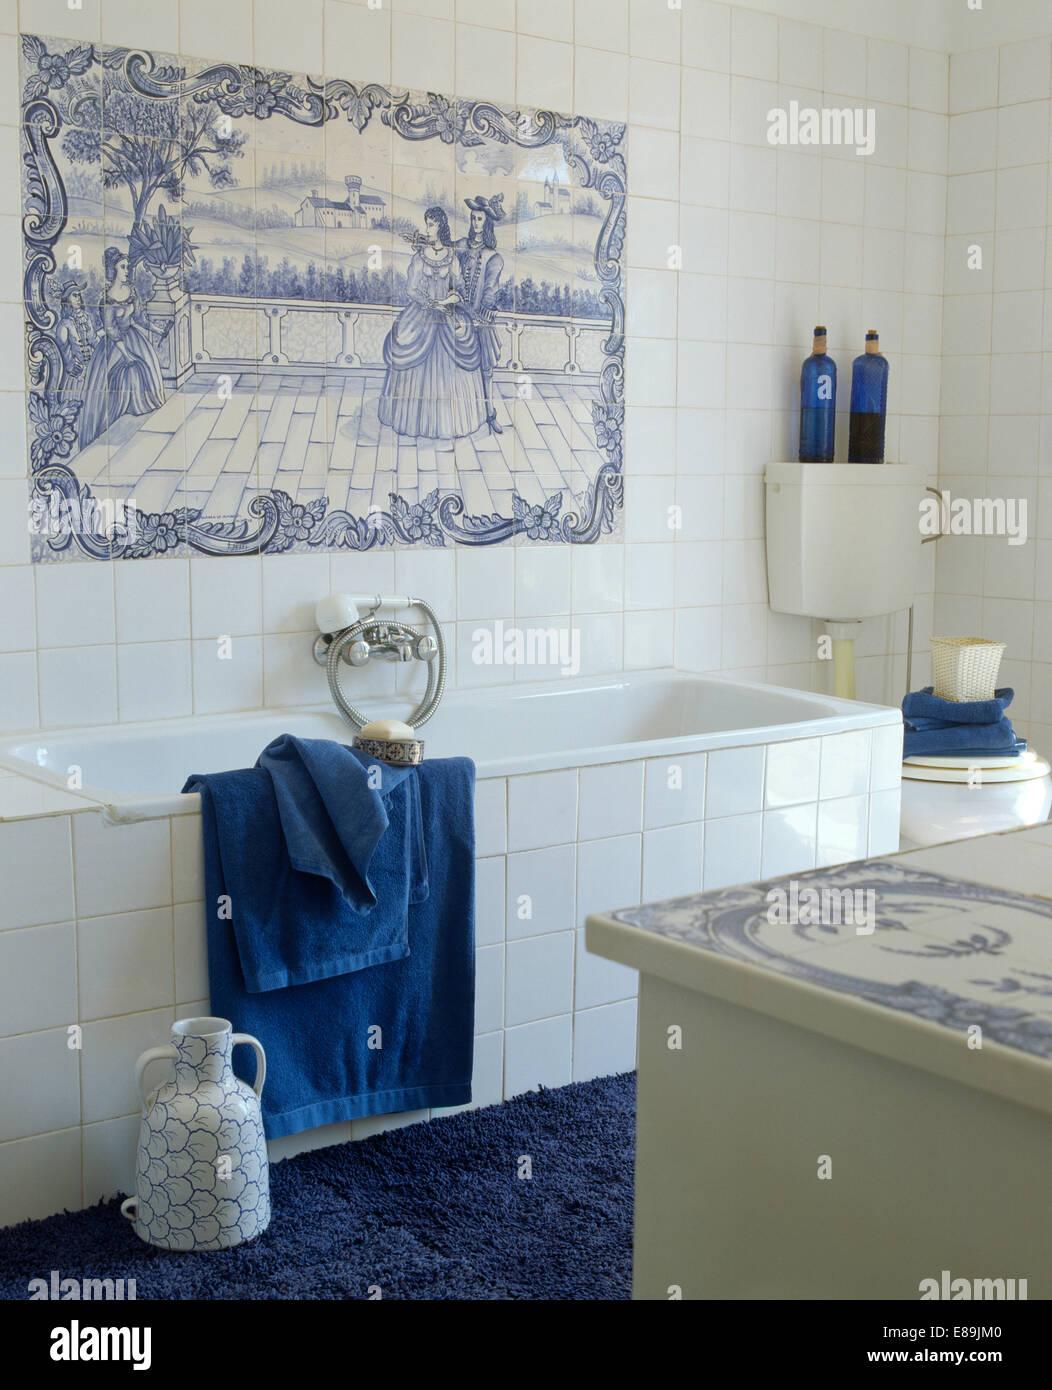 Coastal Badezimmer Mit Blau + Weiß Gefliest Wandbild An Der Wand über Dem  Bad Mit Blauen Handtücher Und Weiß Gefliesten Panel